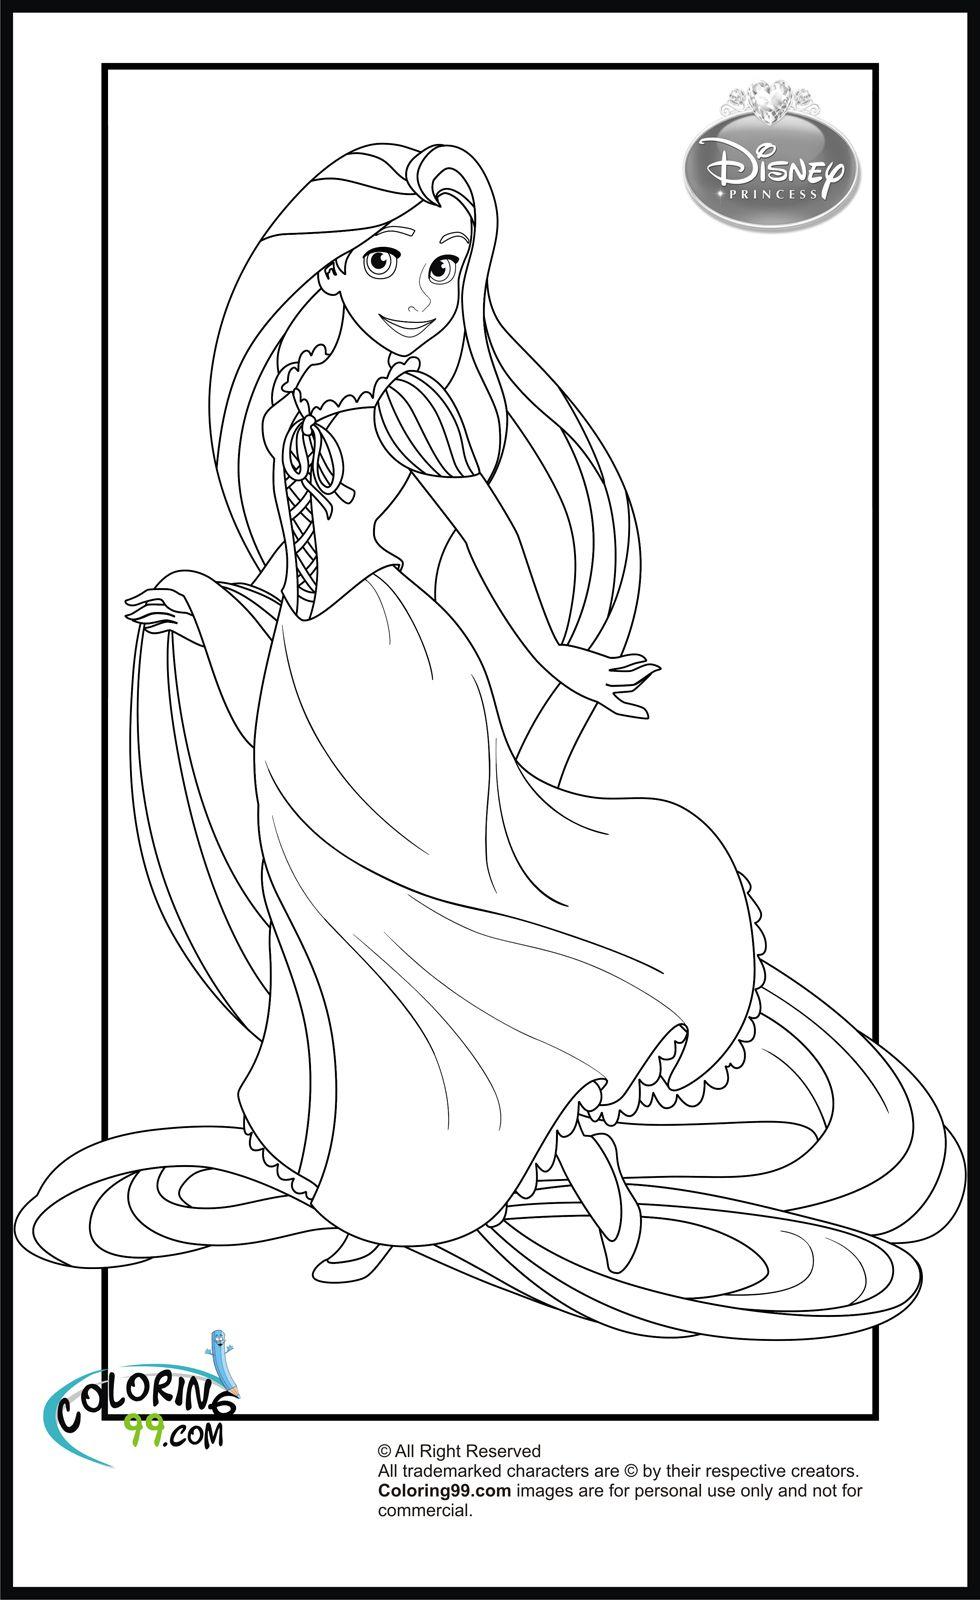 disney-princess-rapunzel-coloring-pages.jpg 980×1,600 pixels | diet ...